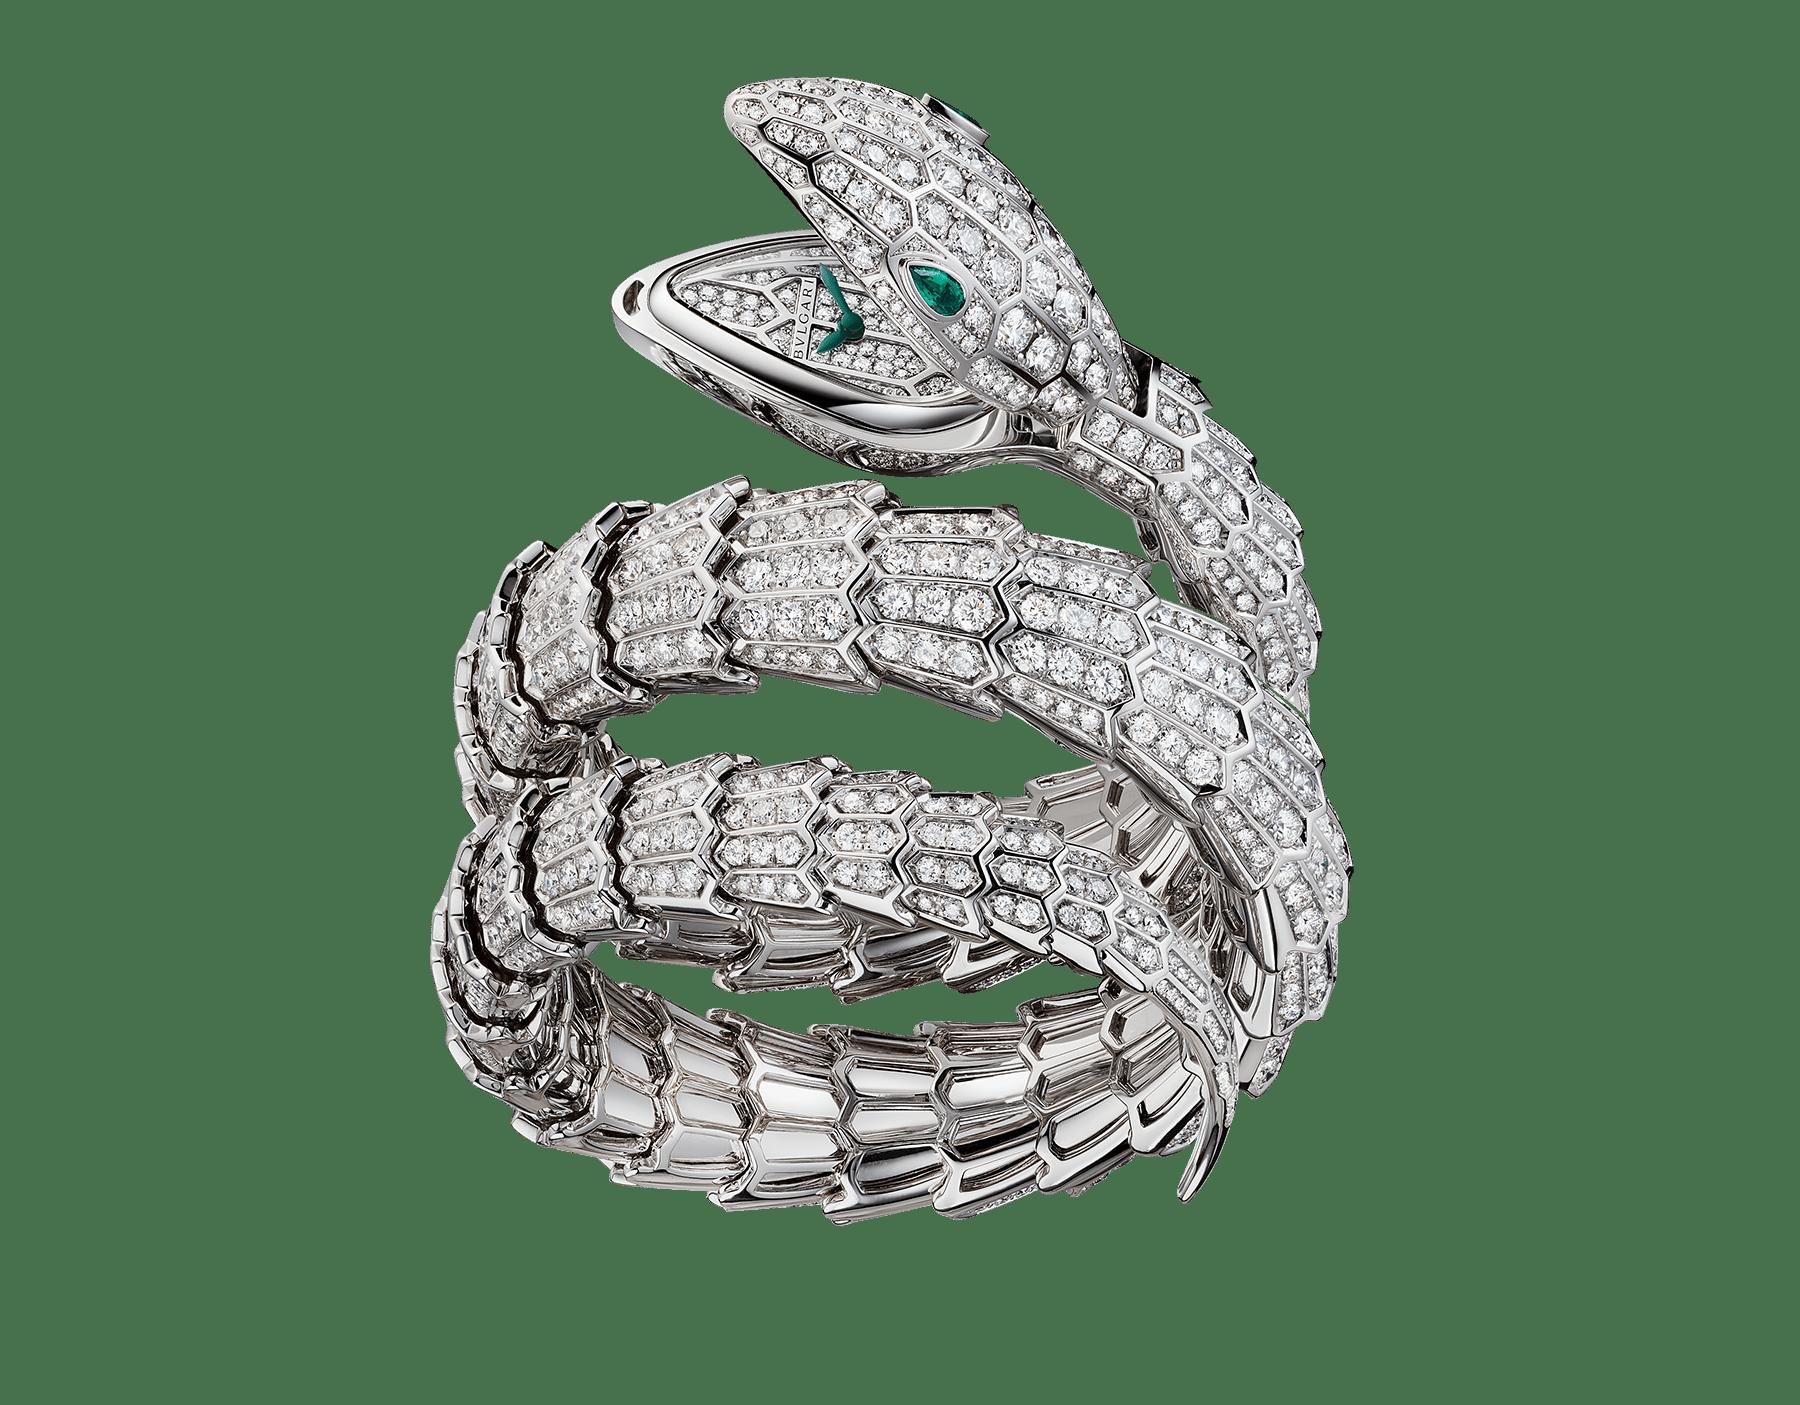 Orologio Serpenti Secret con testa, quadrante e bracciale a doppia spirale in oro bianco 18 kt con diamanti taglio brillante, occhi in smeraldo e cassa in oro bianco 18 kt. 102701 image 1